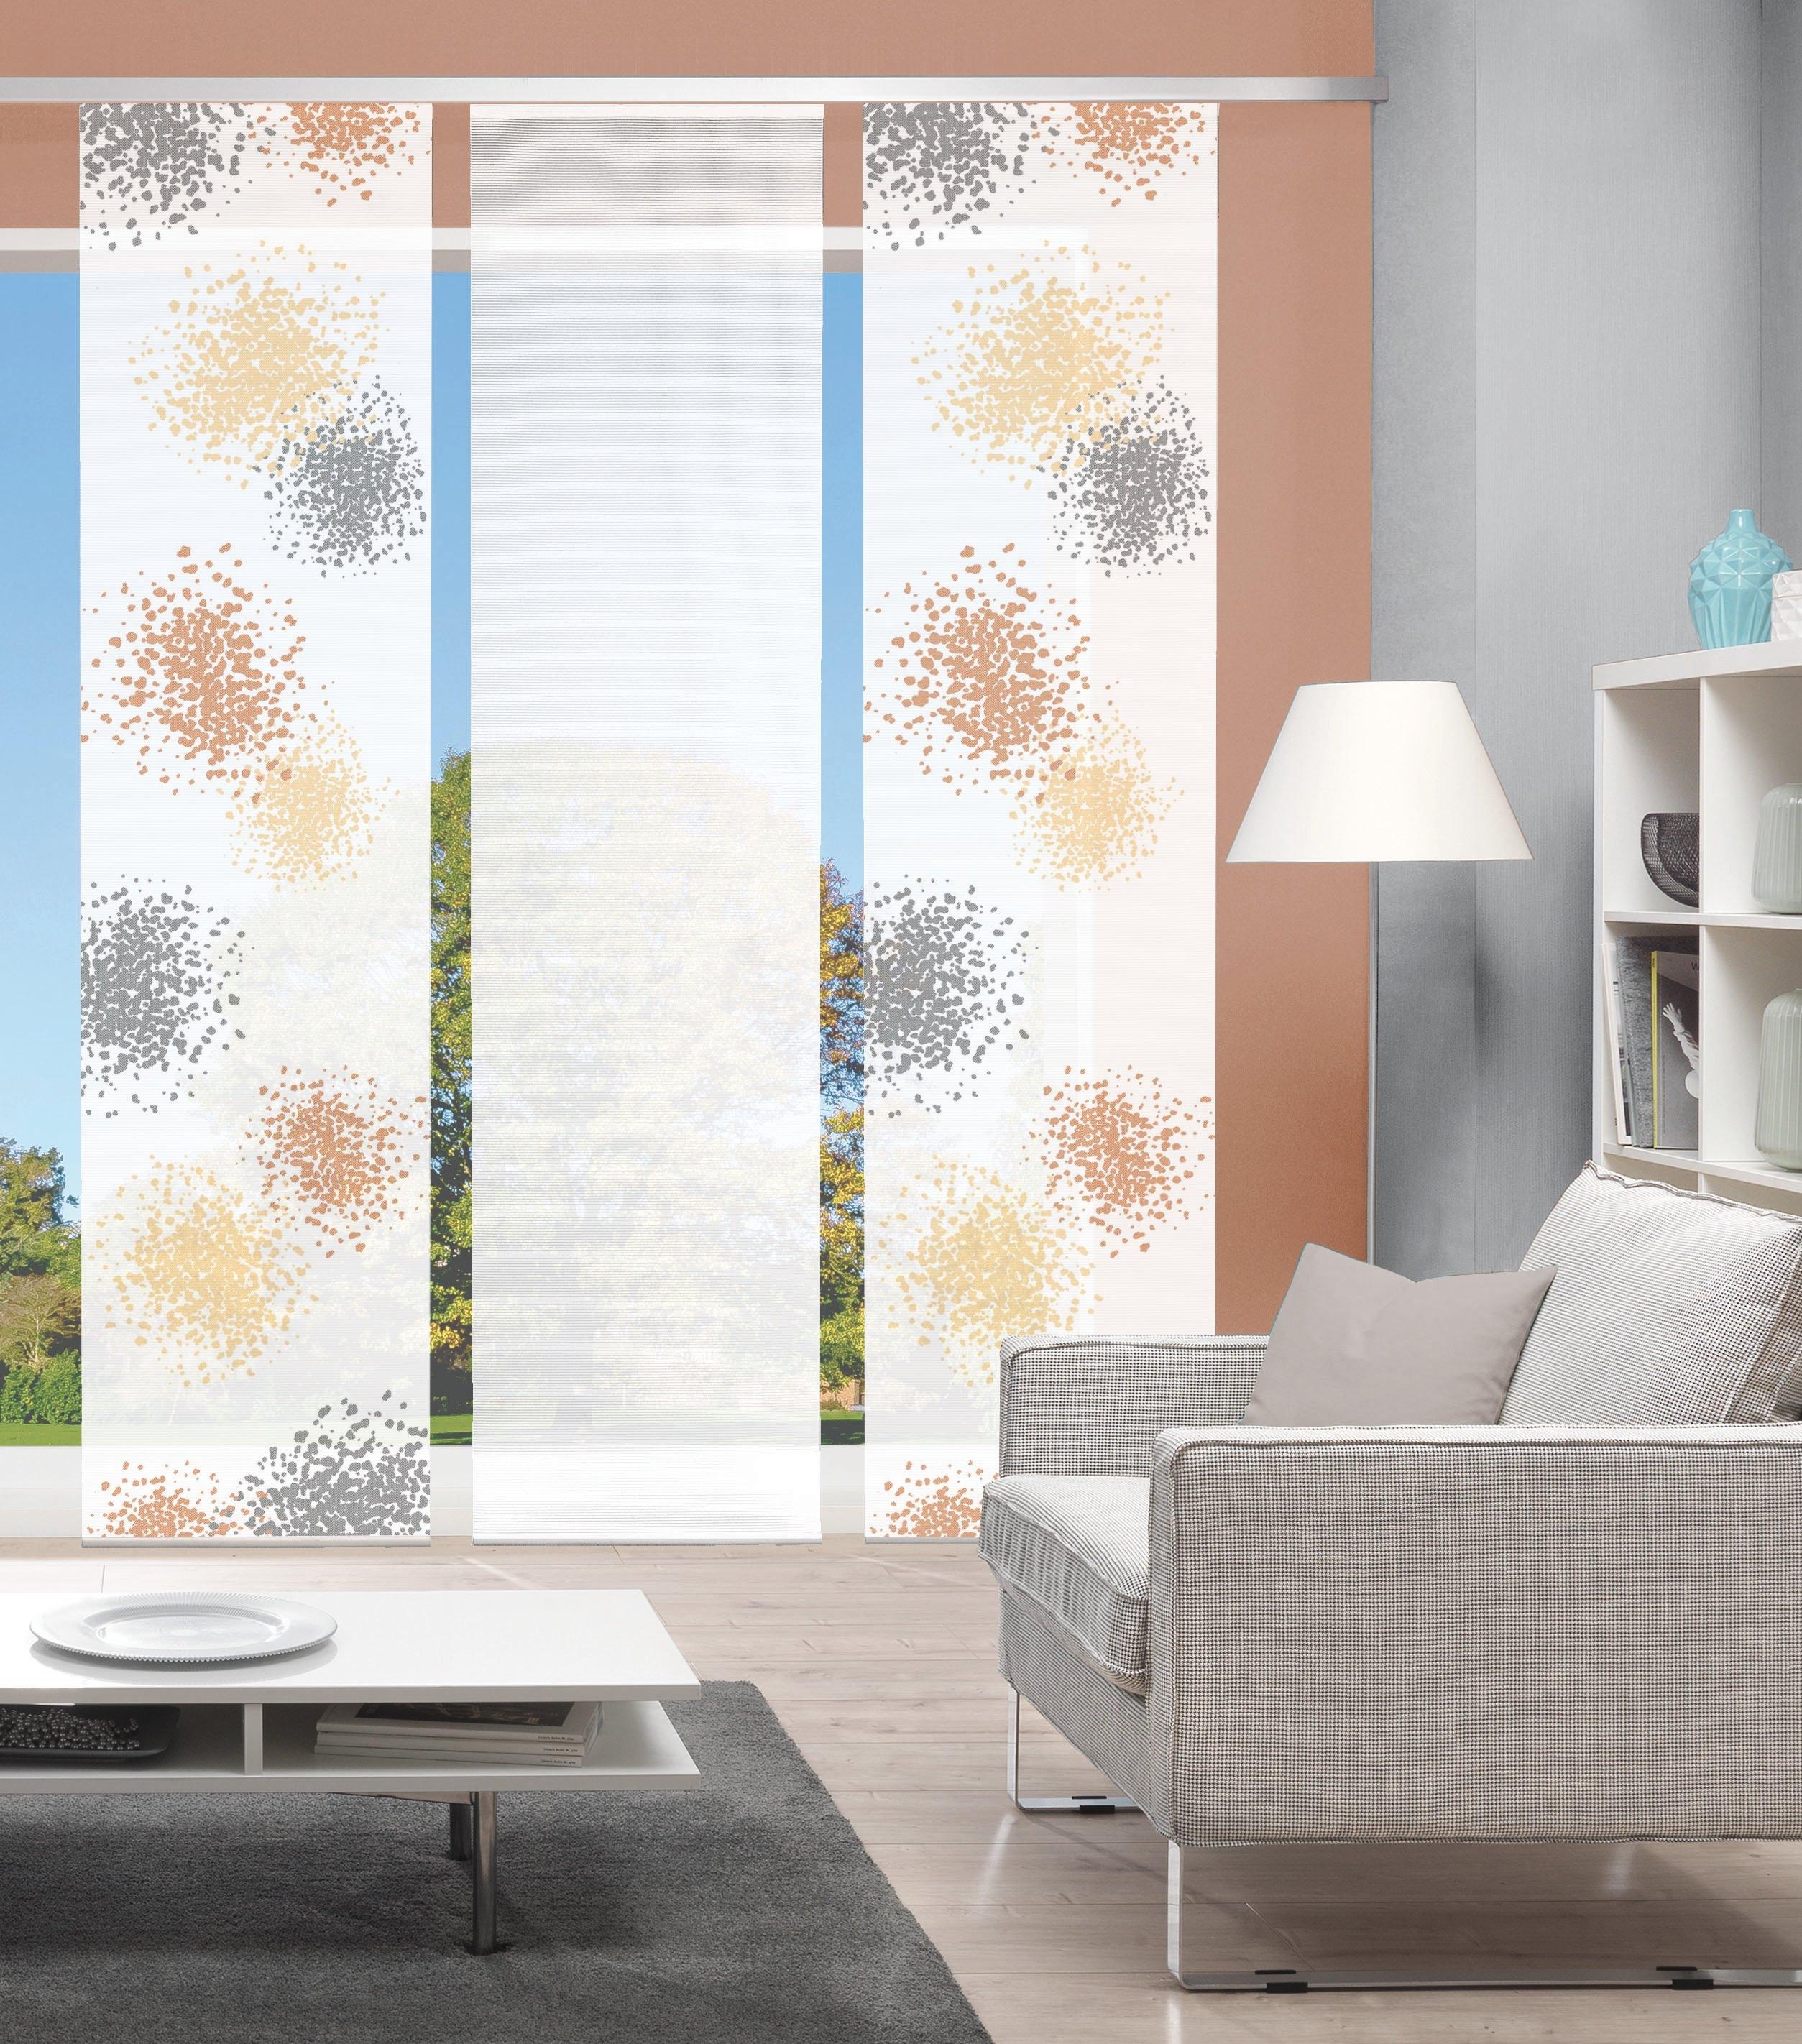 Vision Paneelgordijn SPOTTI set van 3 Bamboe-look, digitaal bedrukt (3 stuks) veilig op otto.nl kopen